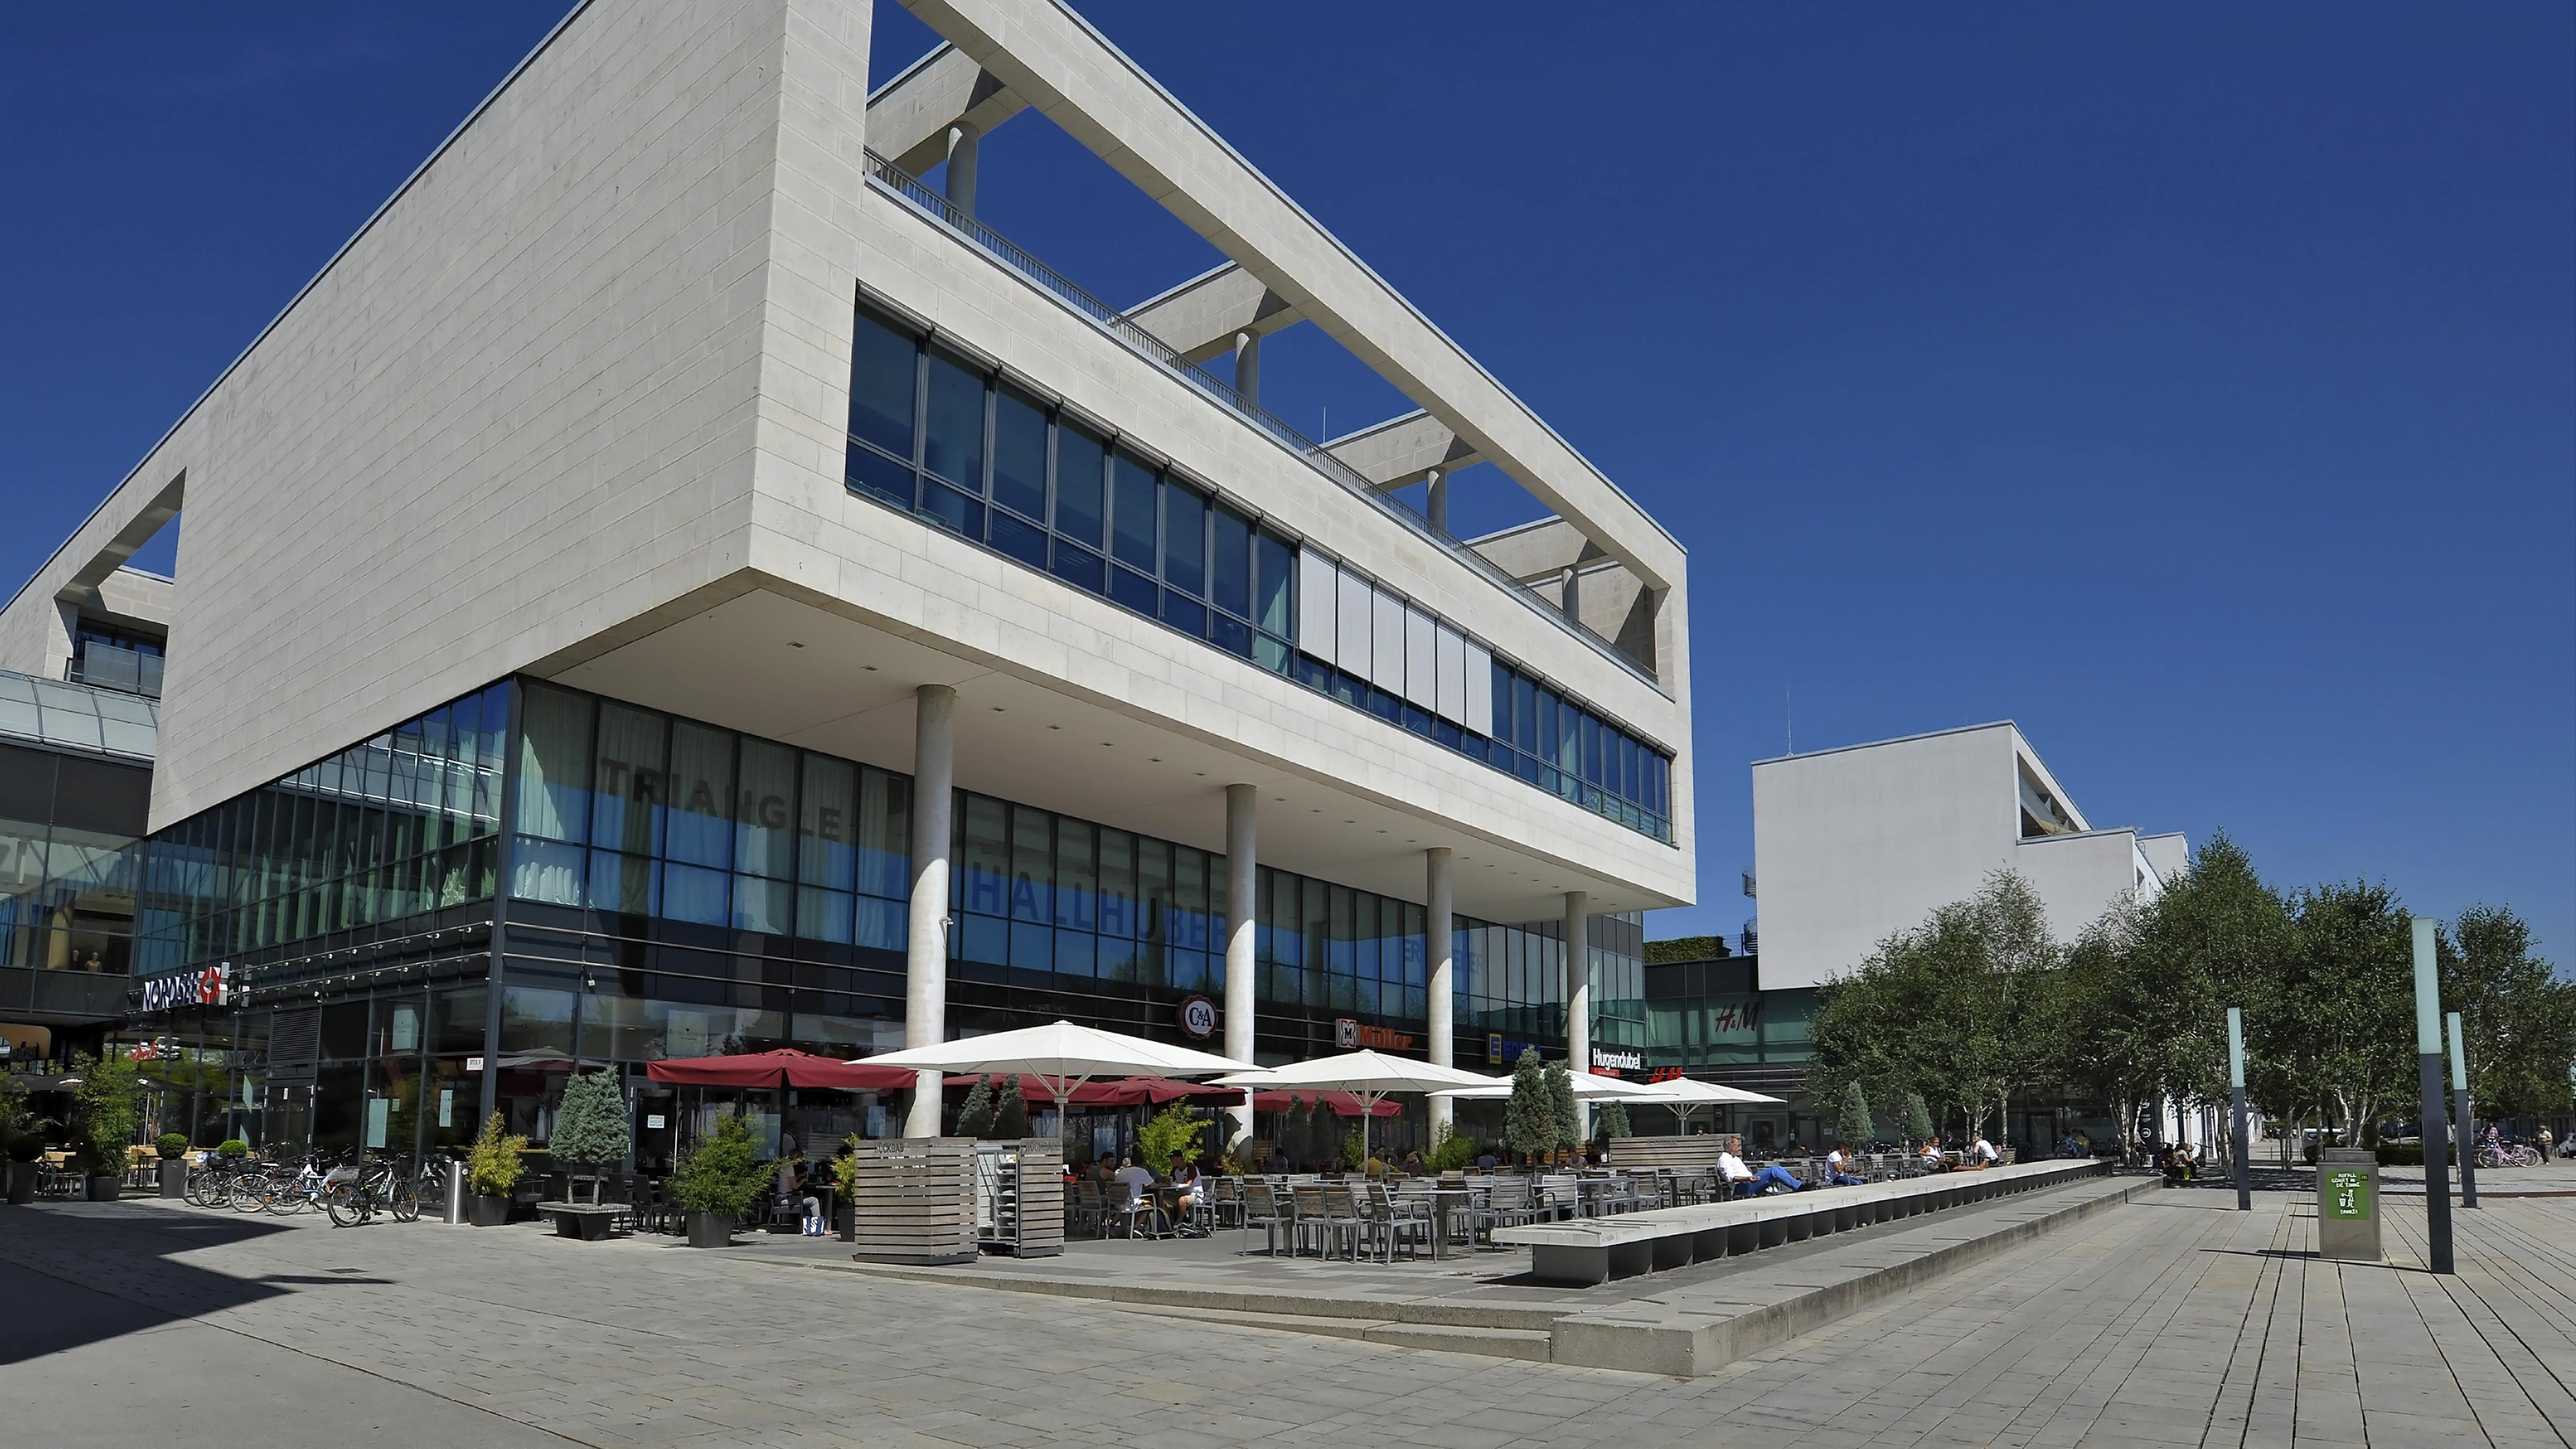 Die bestuhlte Terrasse einer Gaststätte vor dem Einkaufszentrum Messestadt West in München